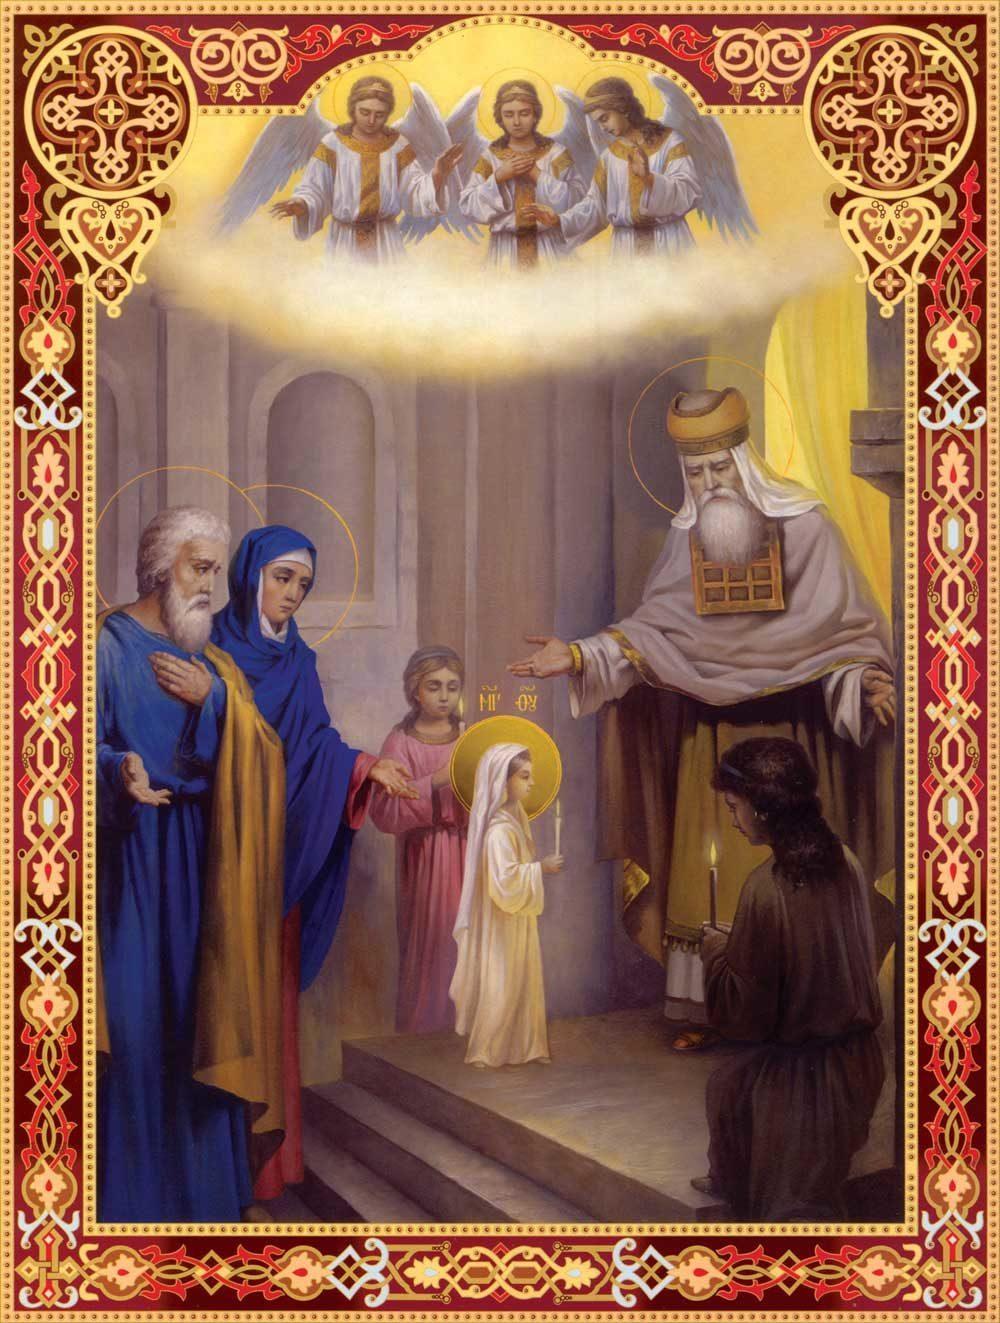 """Результат пошуку зображень за запитом """"Вітання з Введення в храм Пресвятої Богородиці"""""""